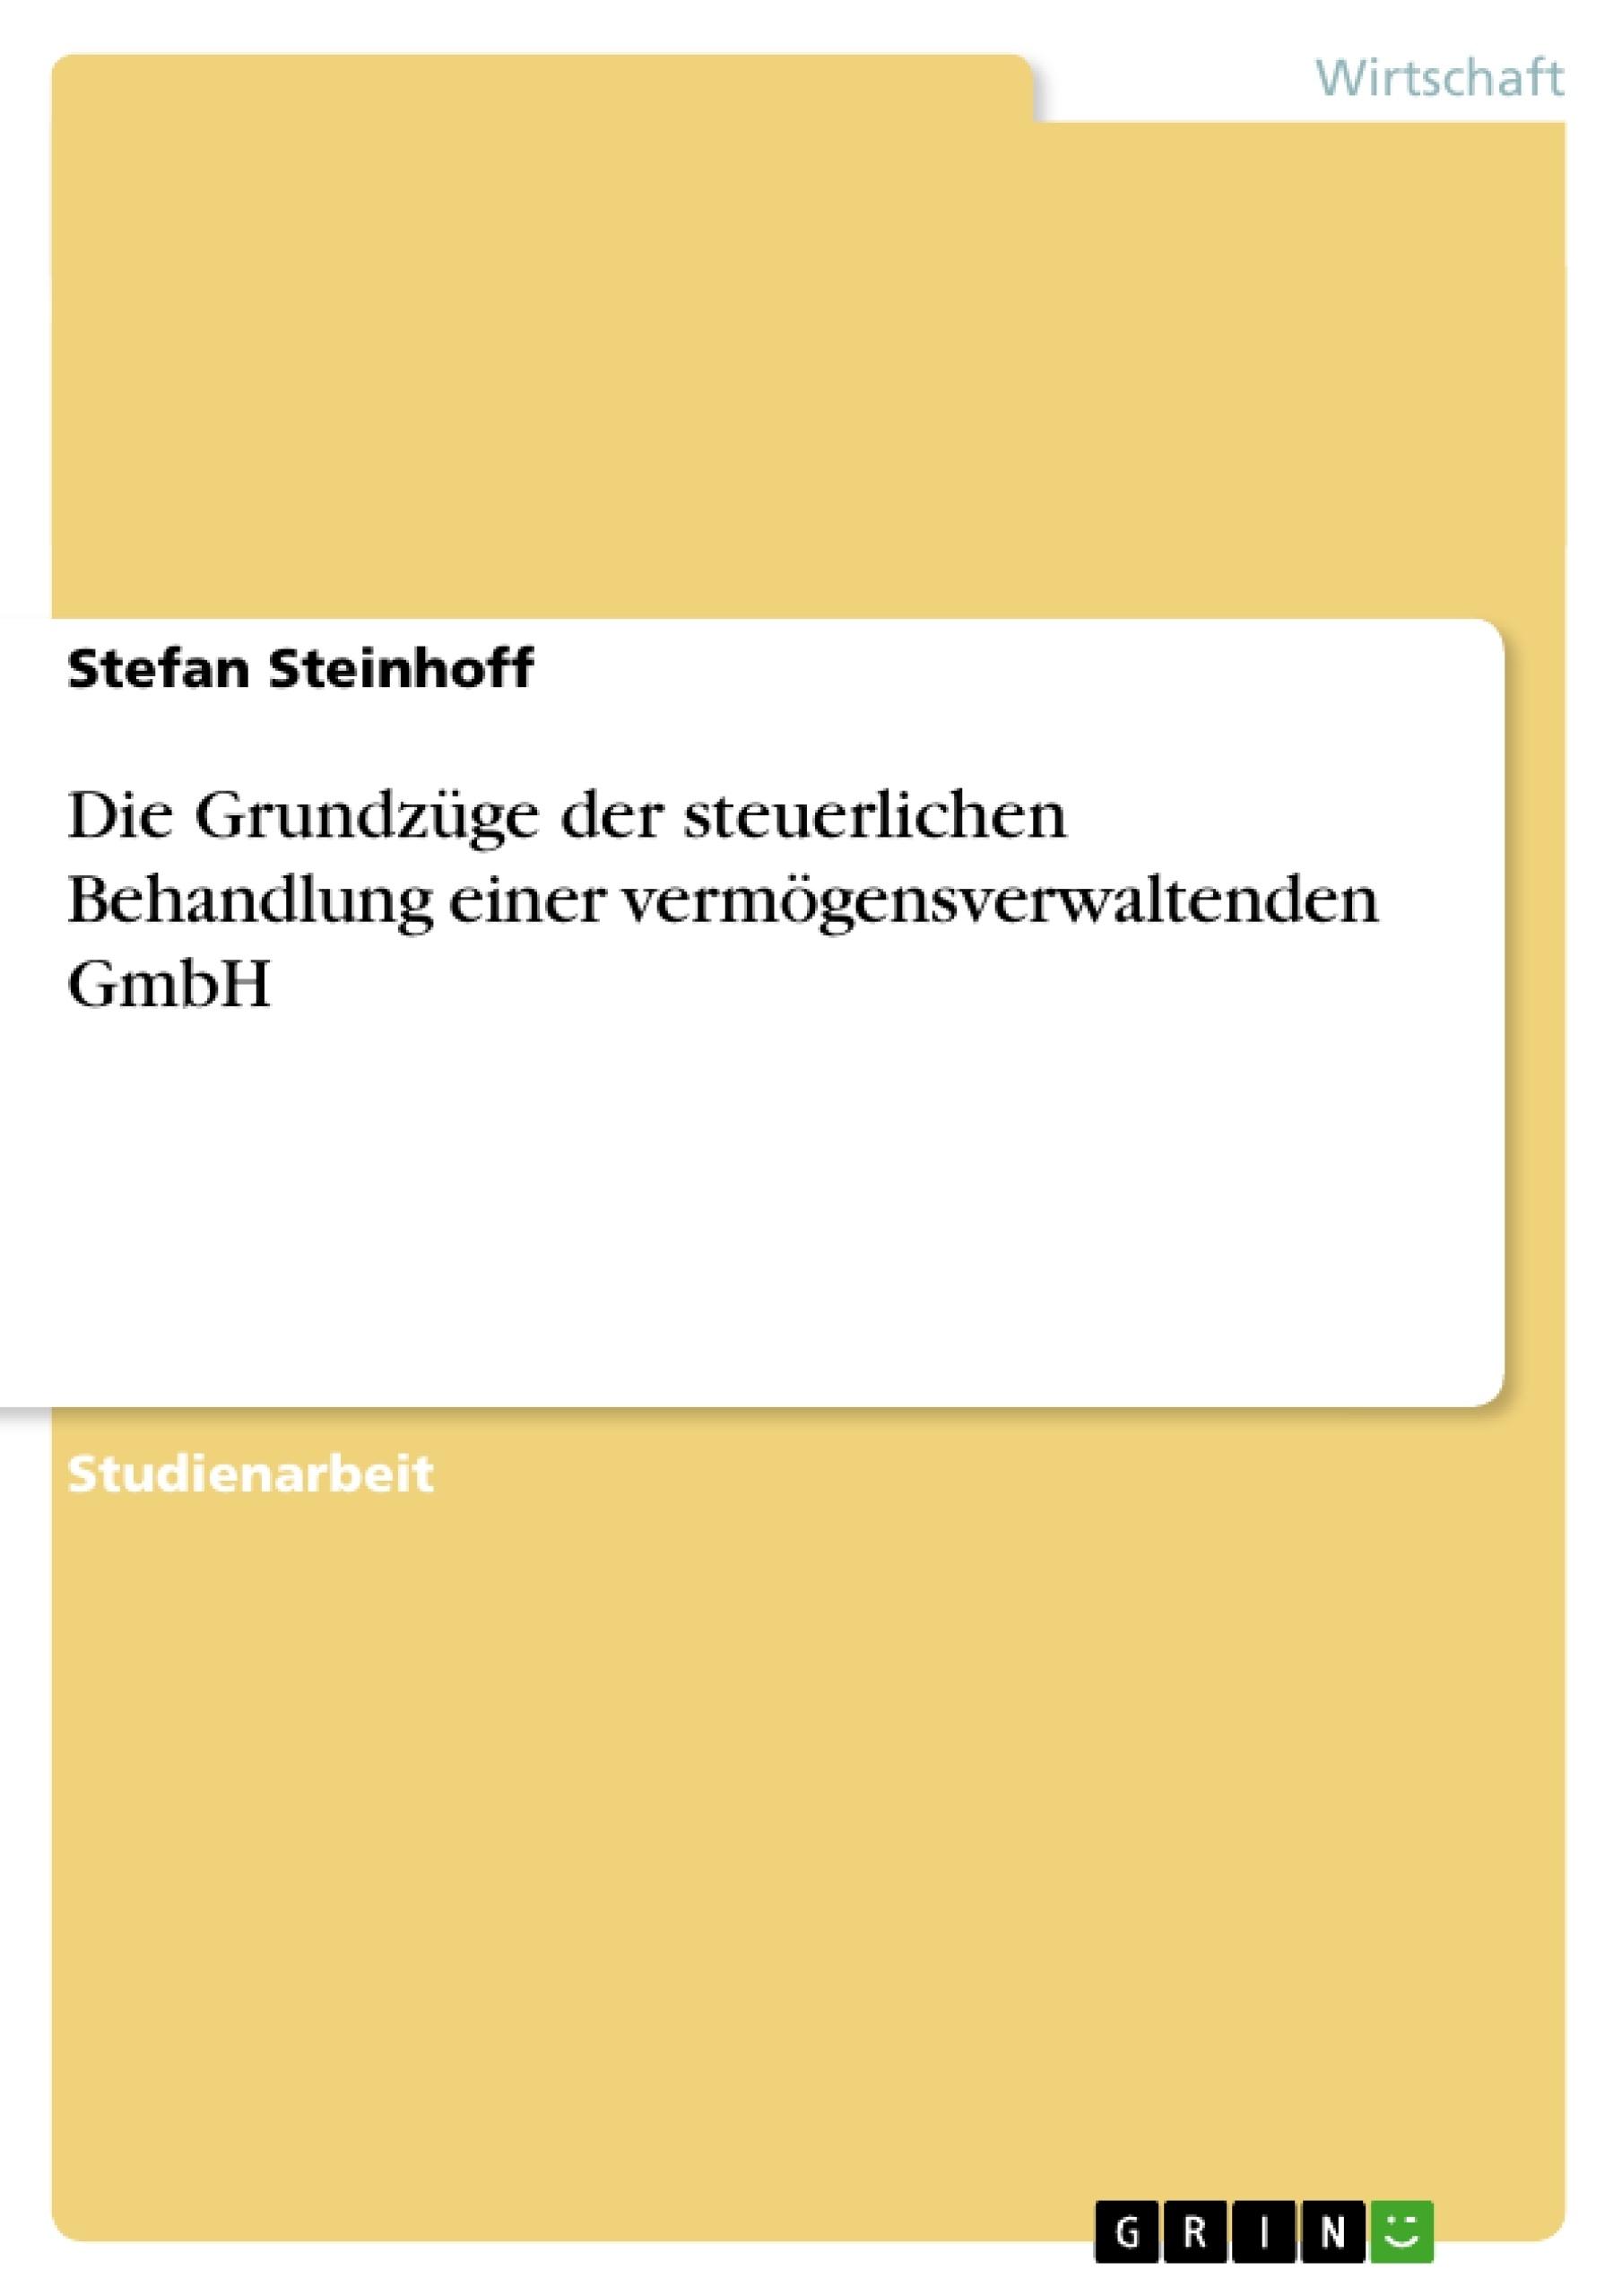 Titel: Die Grundzüge der steuerlichen Behandlung einer vermögensverwaltenden GmbH